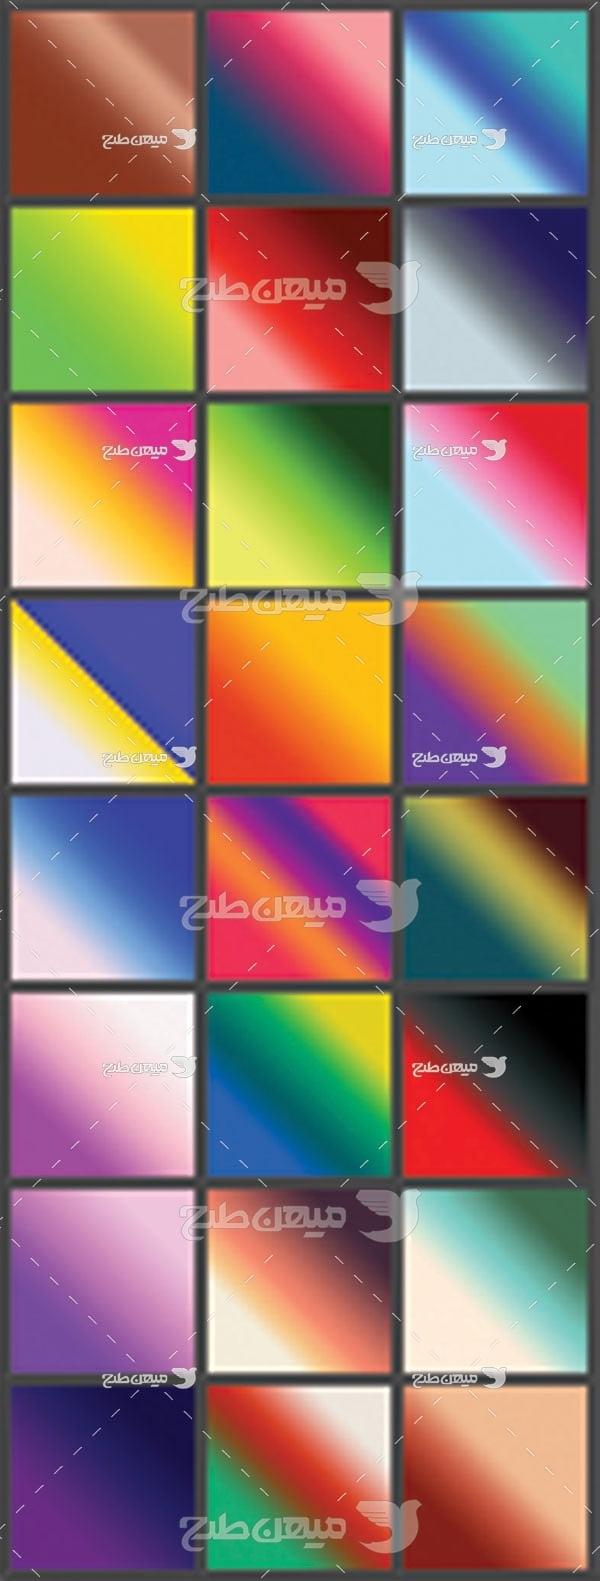 مجموعه ابزارهای فتوشاپ گرادینت طیف رنگ های شاد